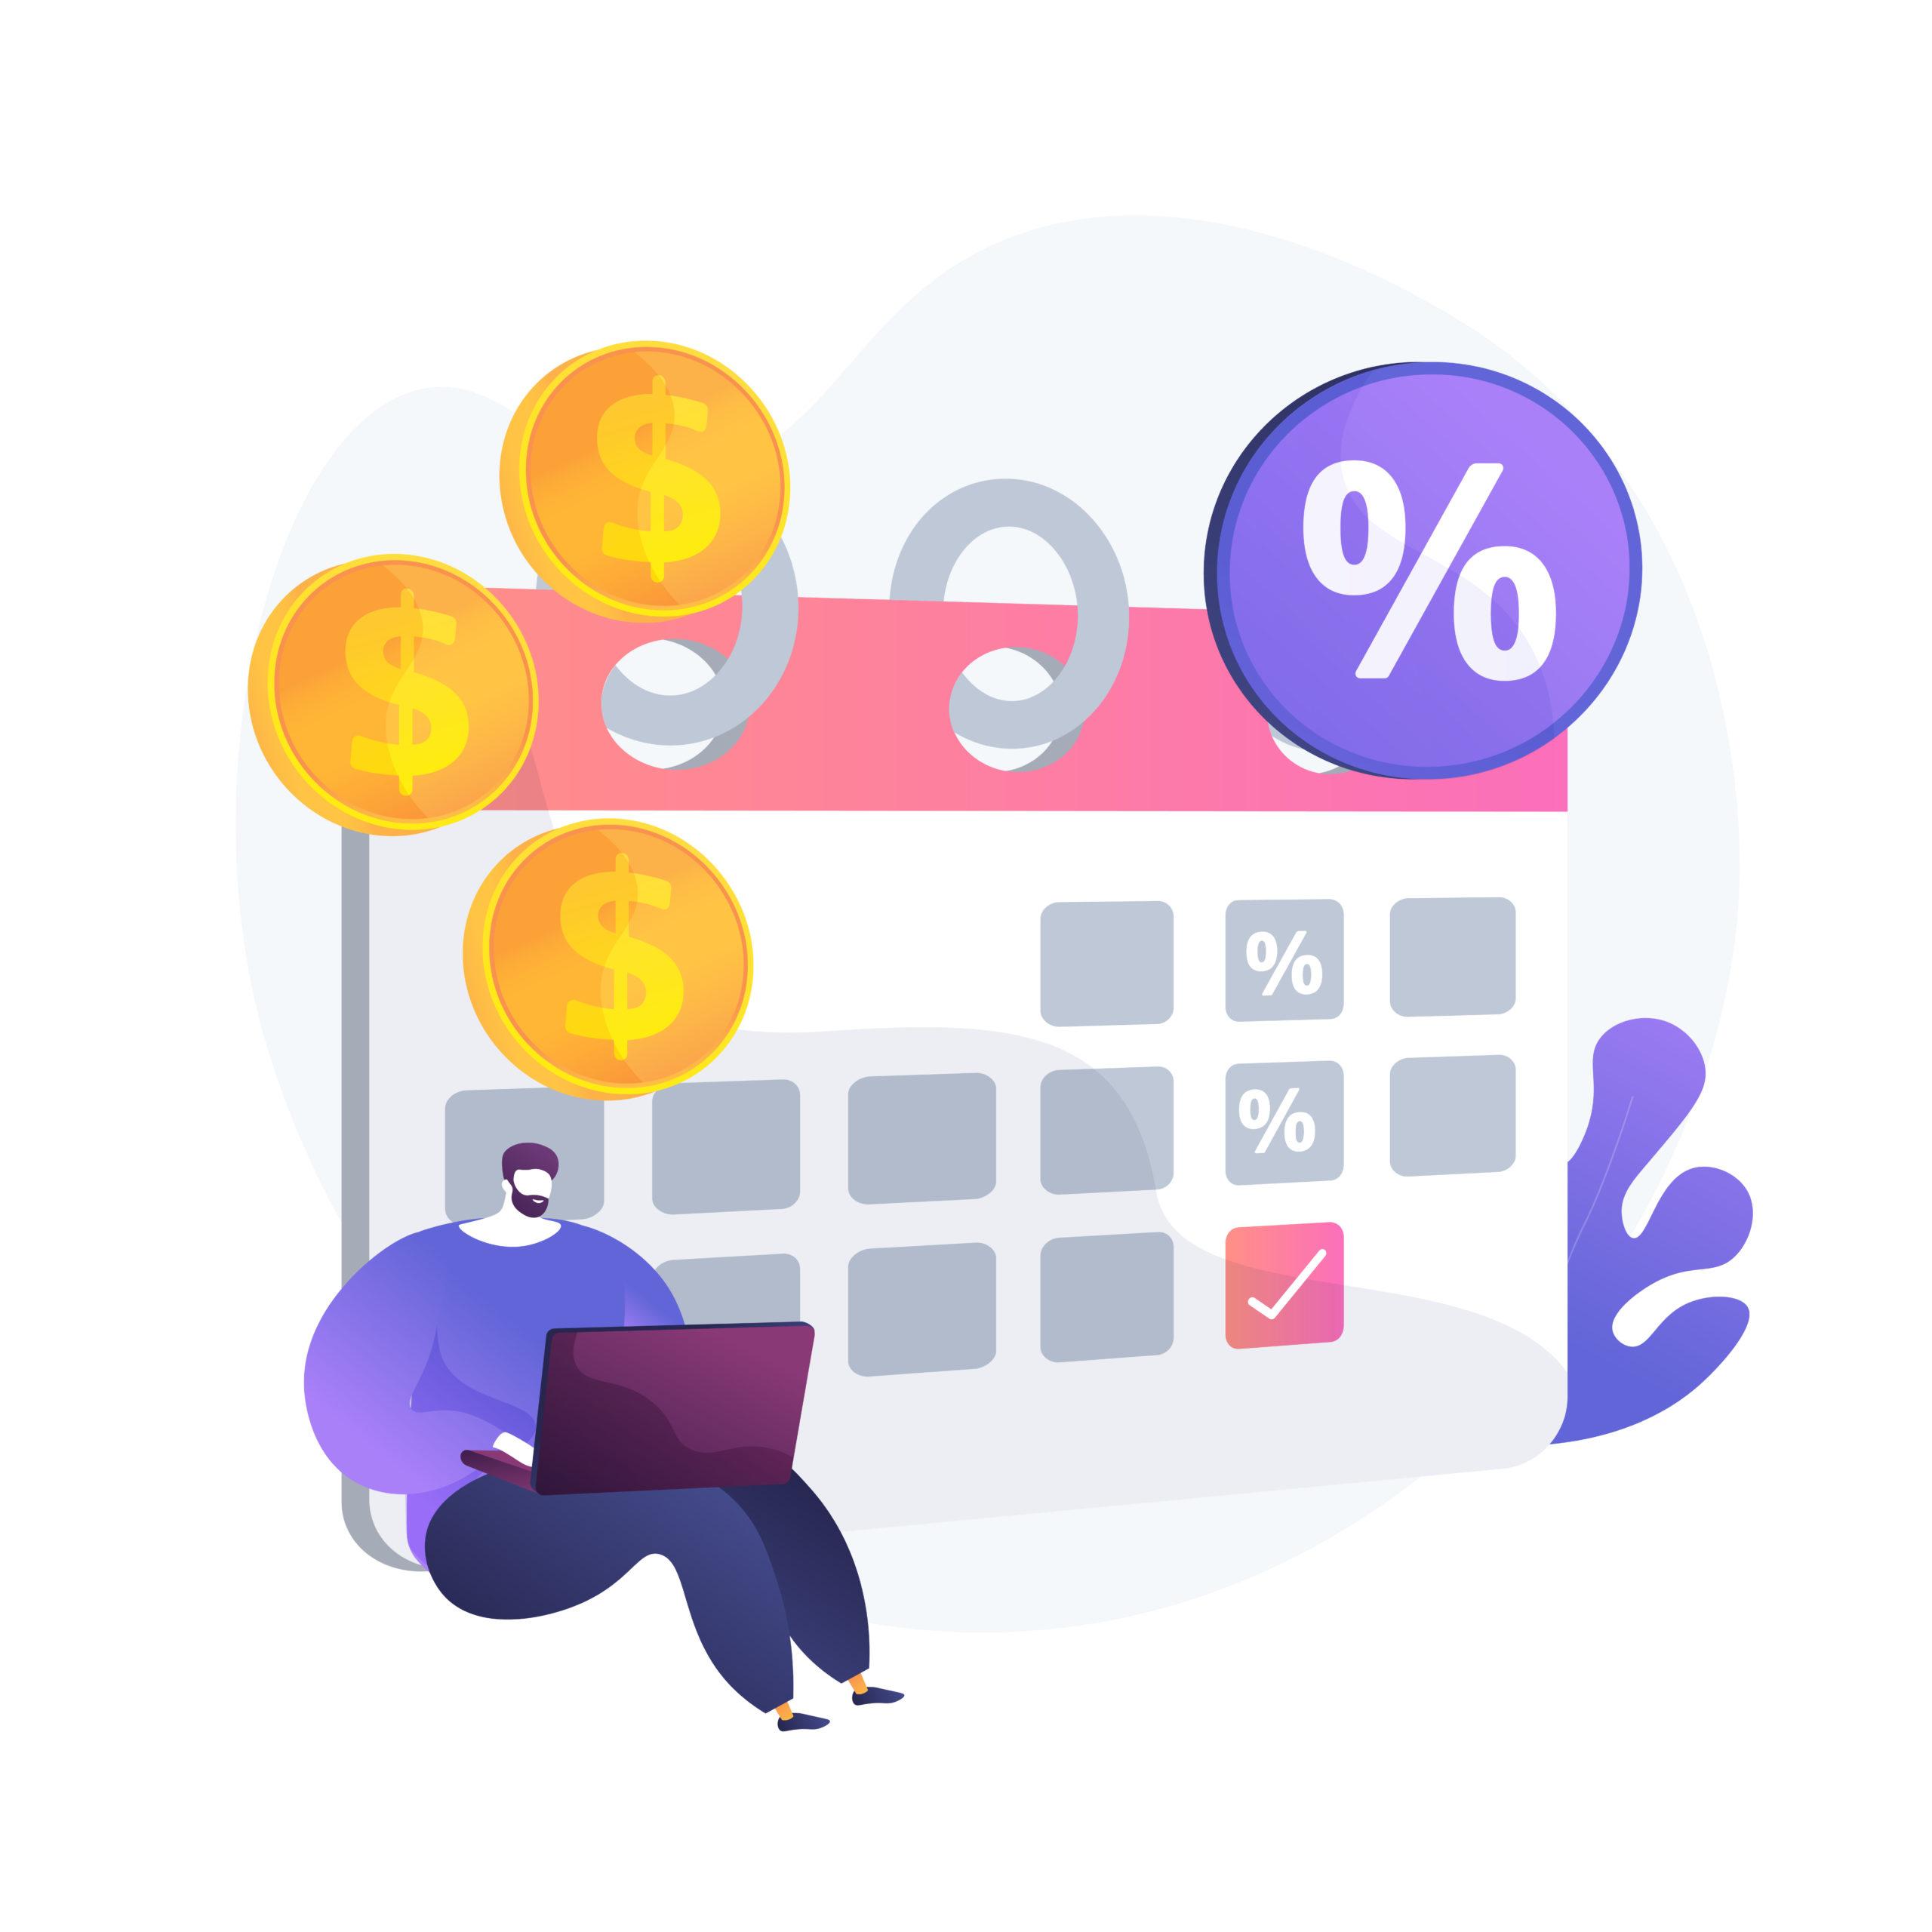 Jenfi-Đòn bẩy tài chính và những ưu nhược điểm cần biết